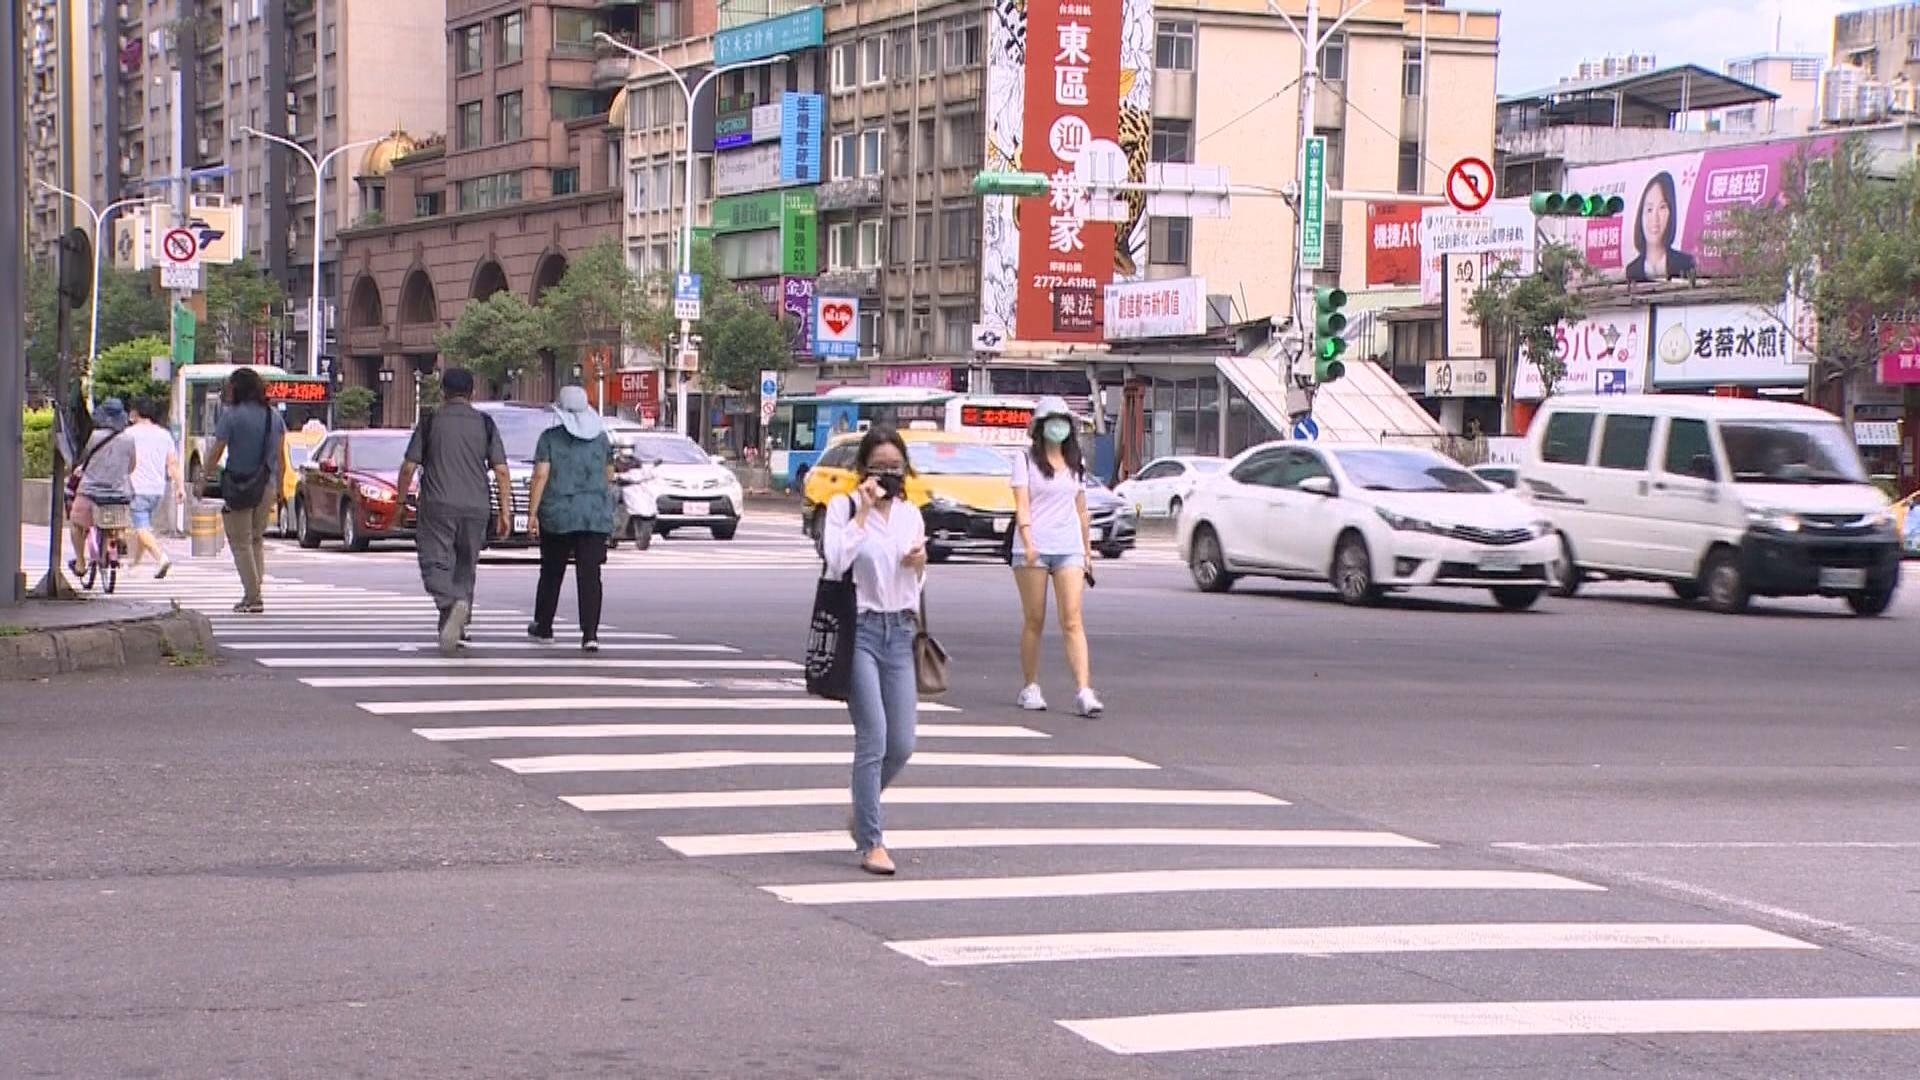 台灣增31宗確診 台北等十多個縣市拒開放餐飲堂食